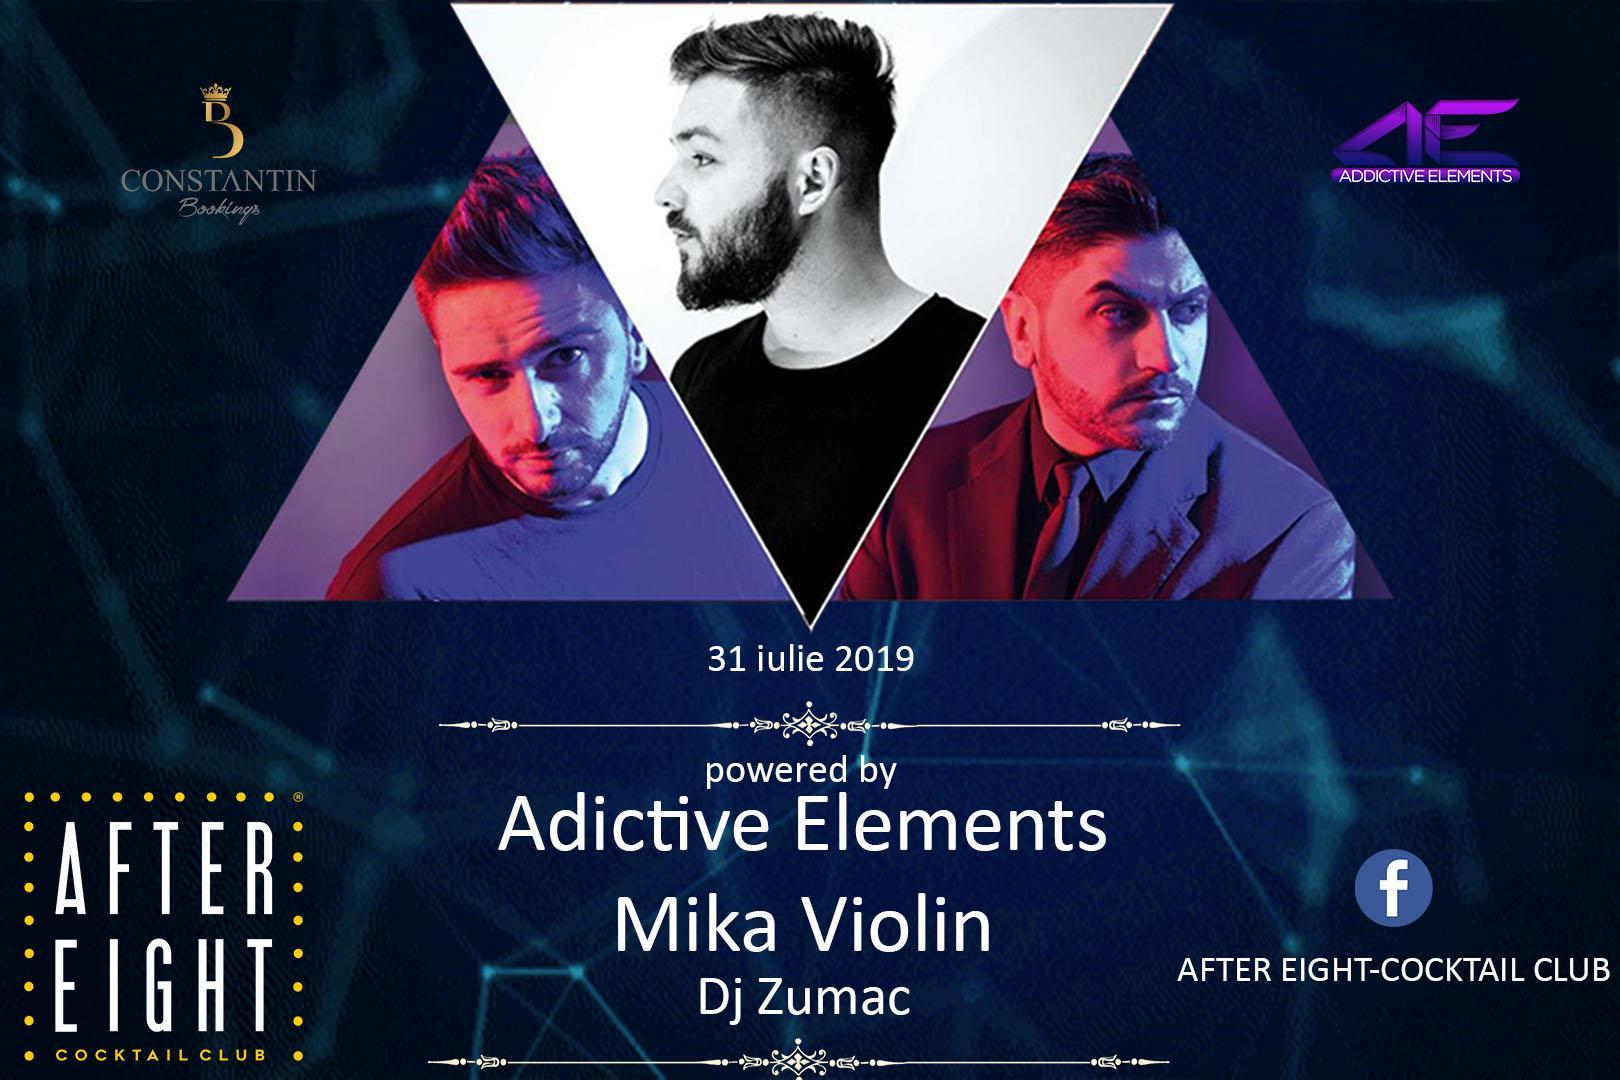 Addictive Elements & Mika Violin